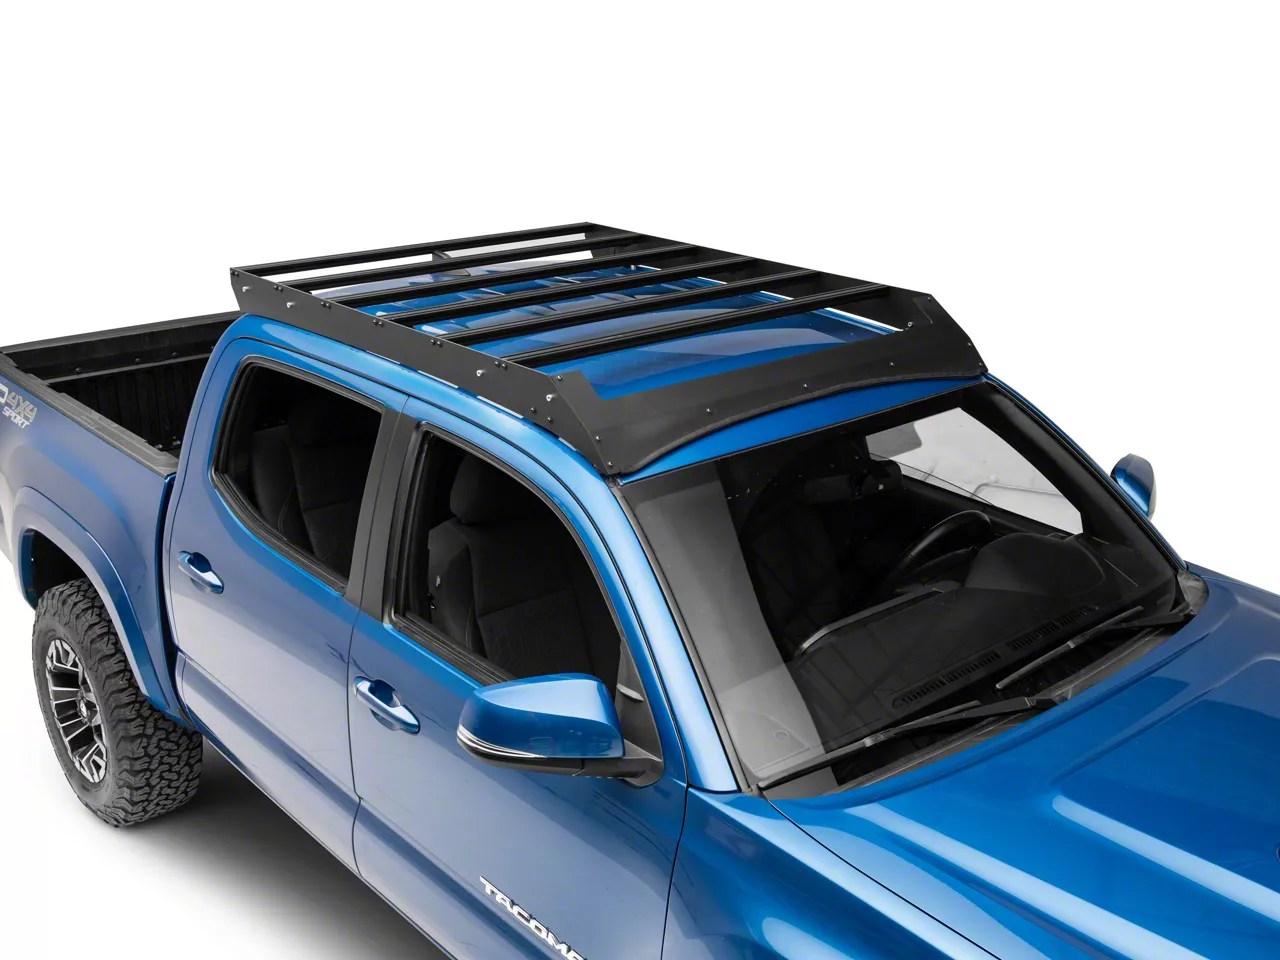 cali raised led economy roof rack with led light bar cutout 05 21 tacoma double cab